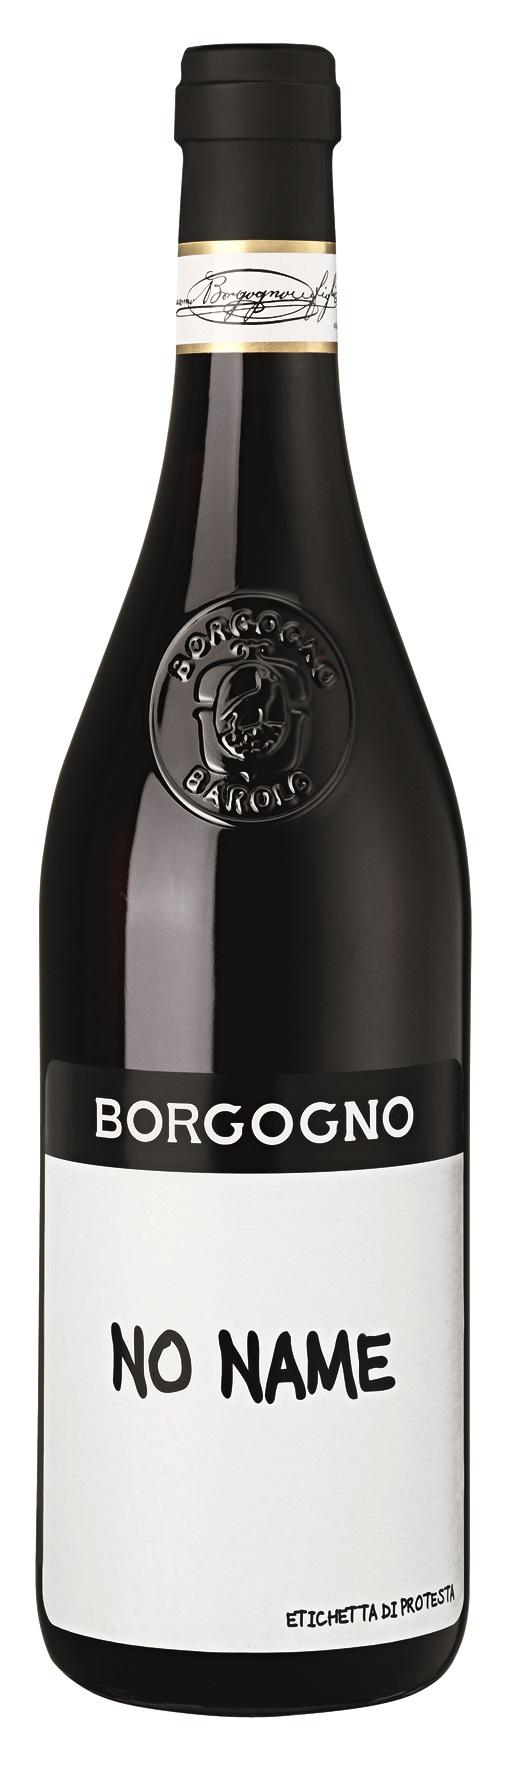 Borgogno No Name Nebbiolo - Etichetta di Protesta